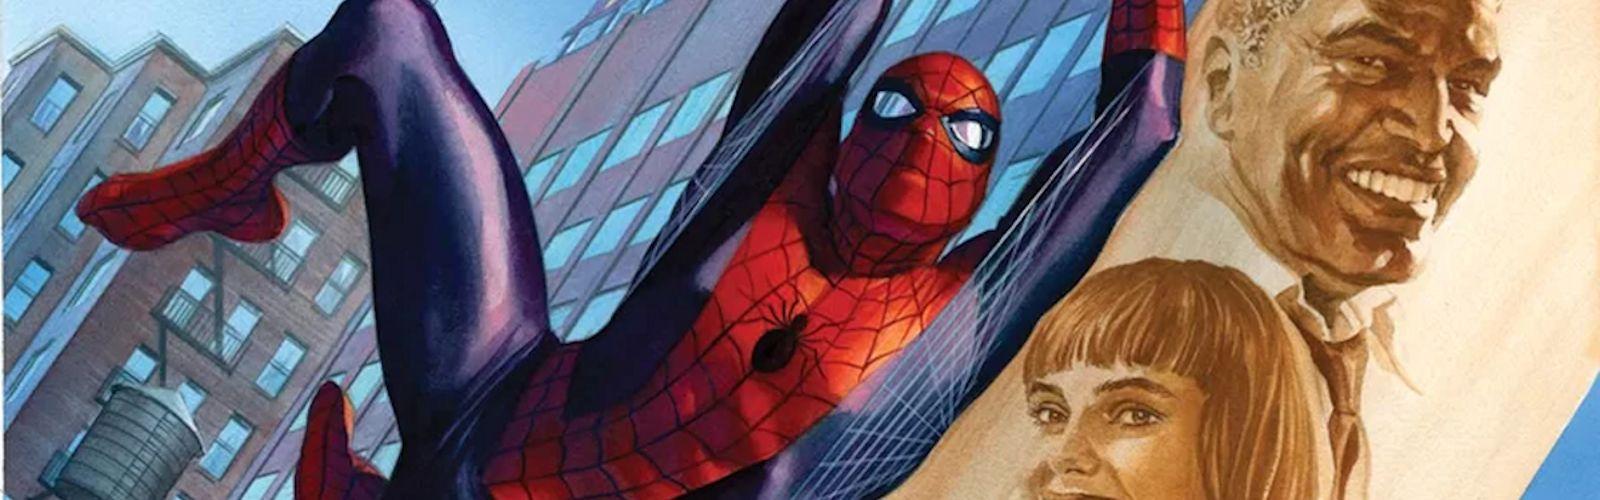 Amazing Spider-Man Annual 42